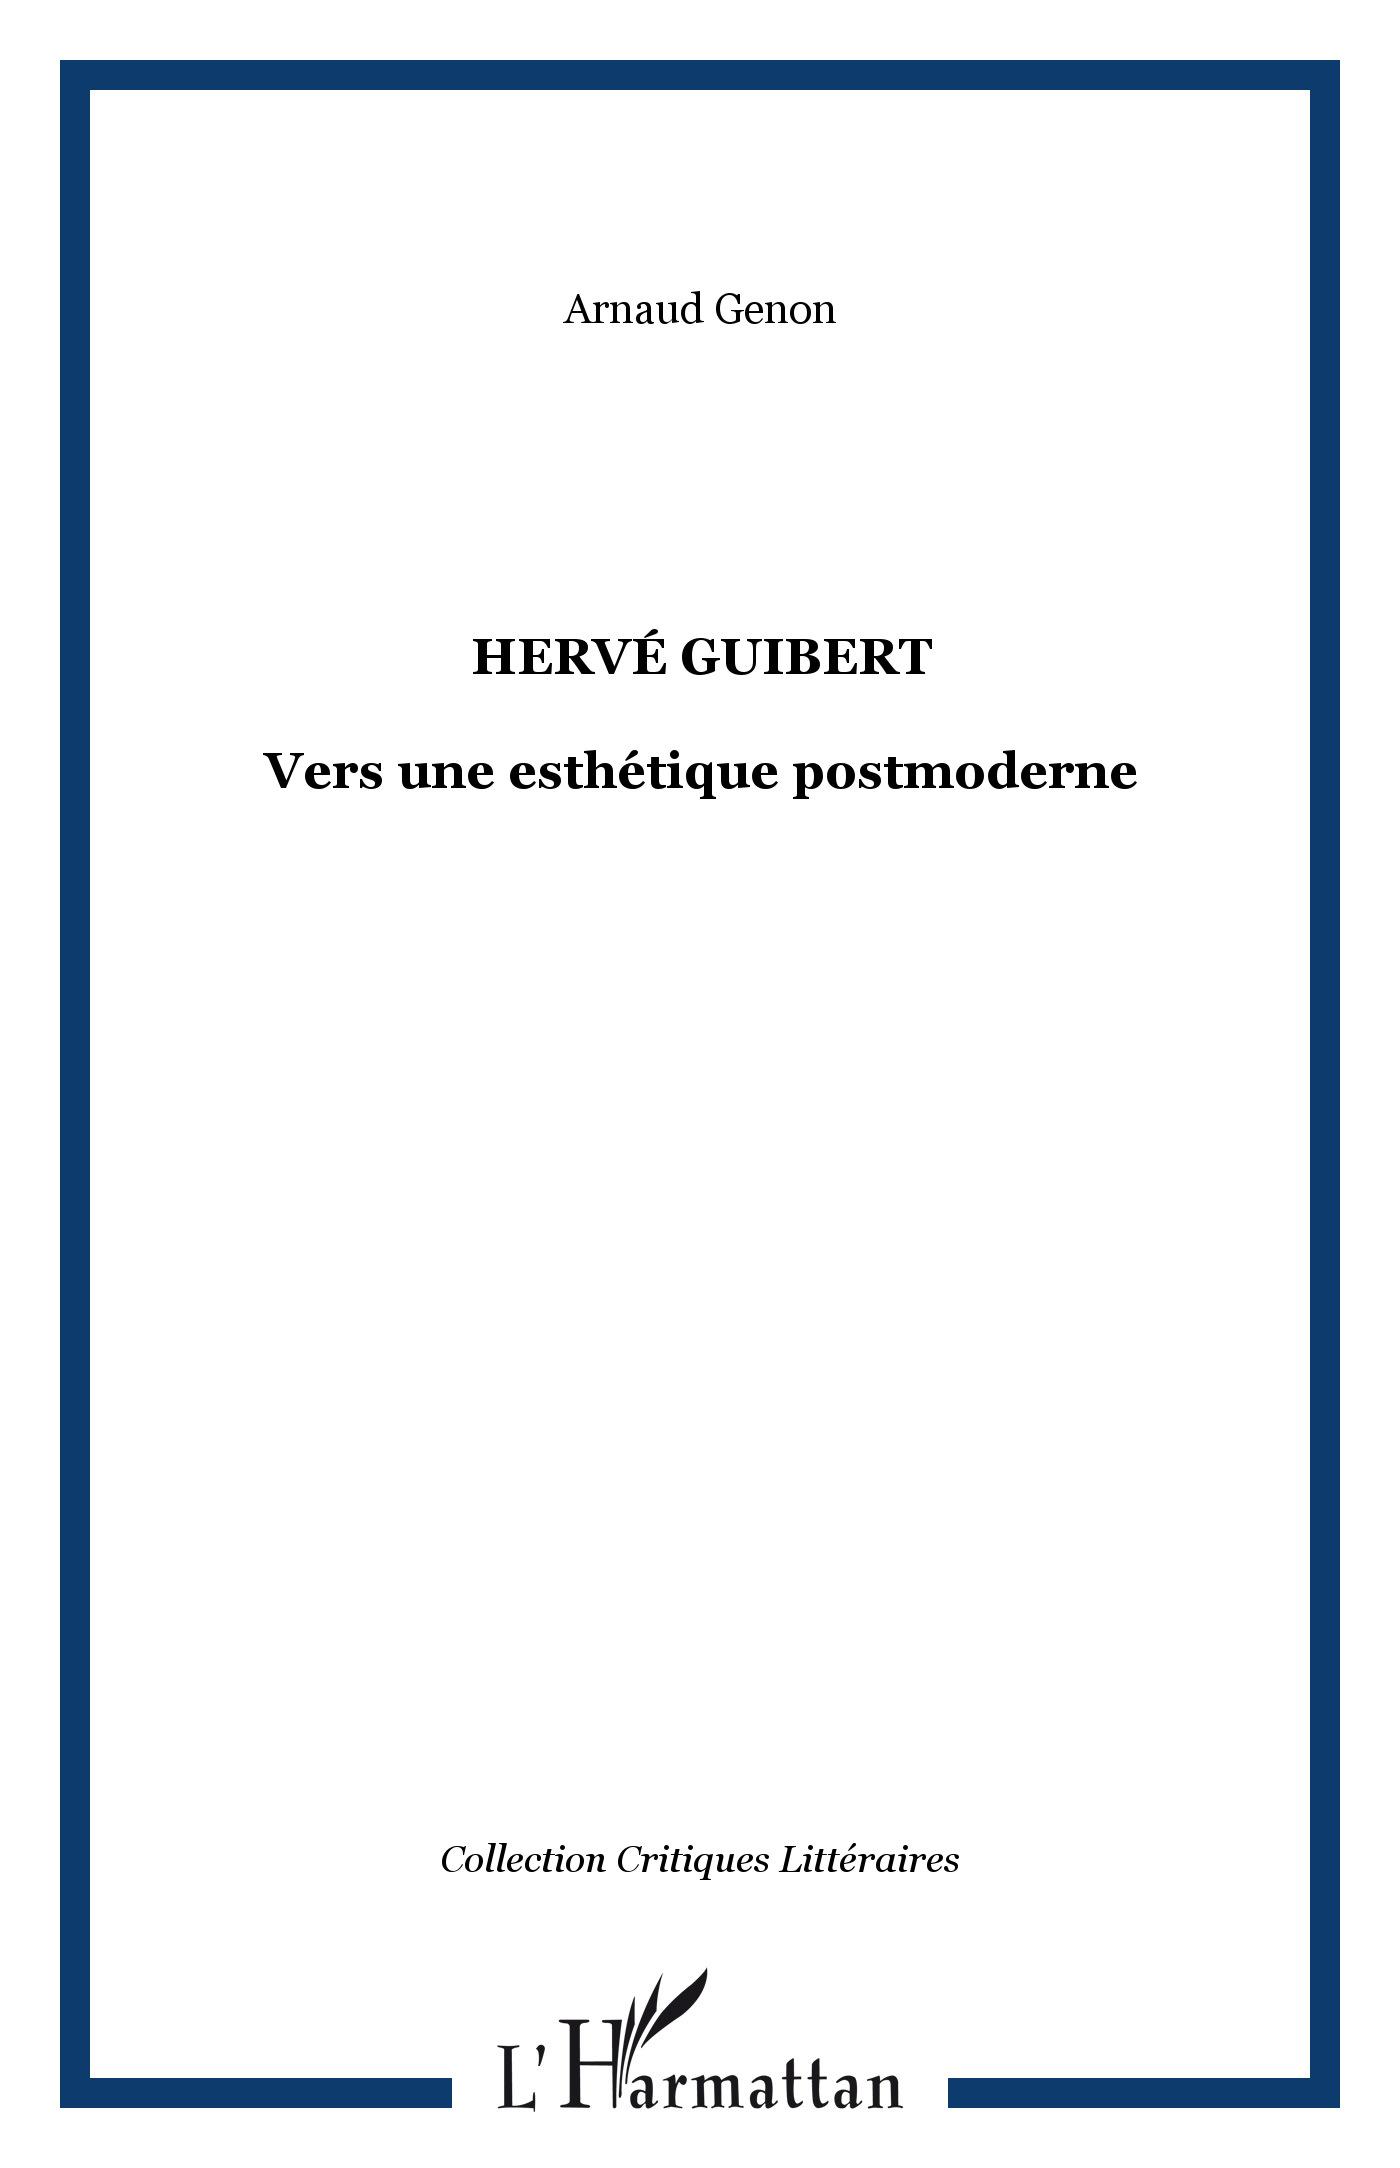 Hervé Guibert